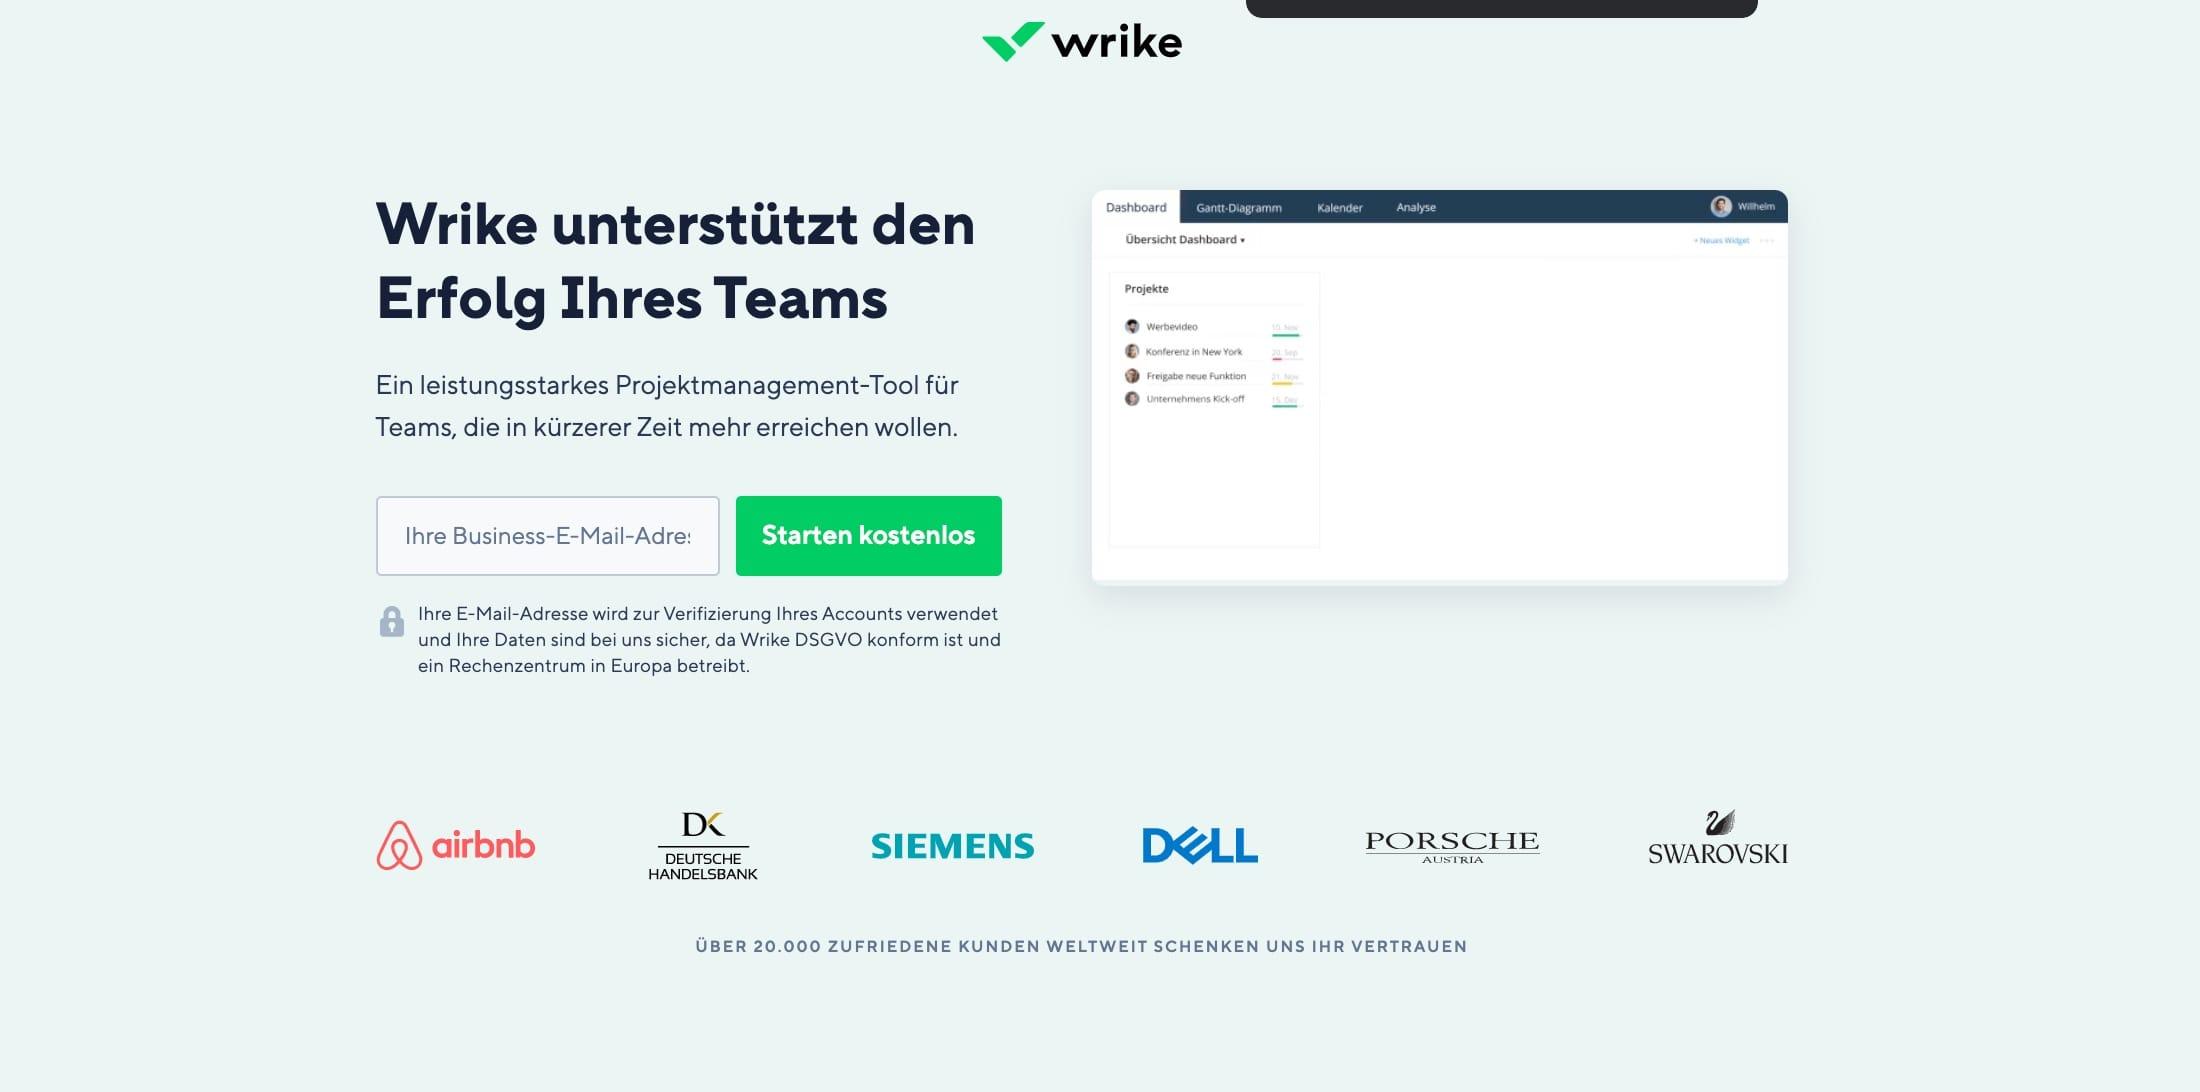 Software-as-a-Service-Wrike-Einstein1